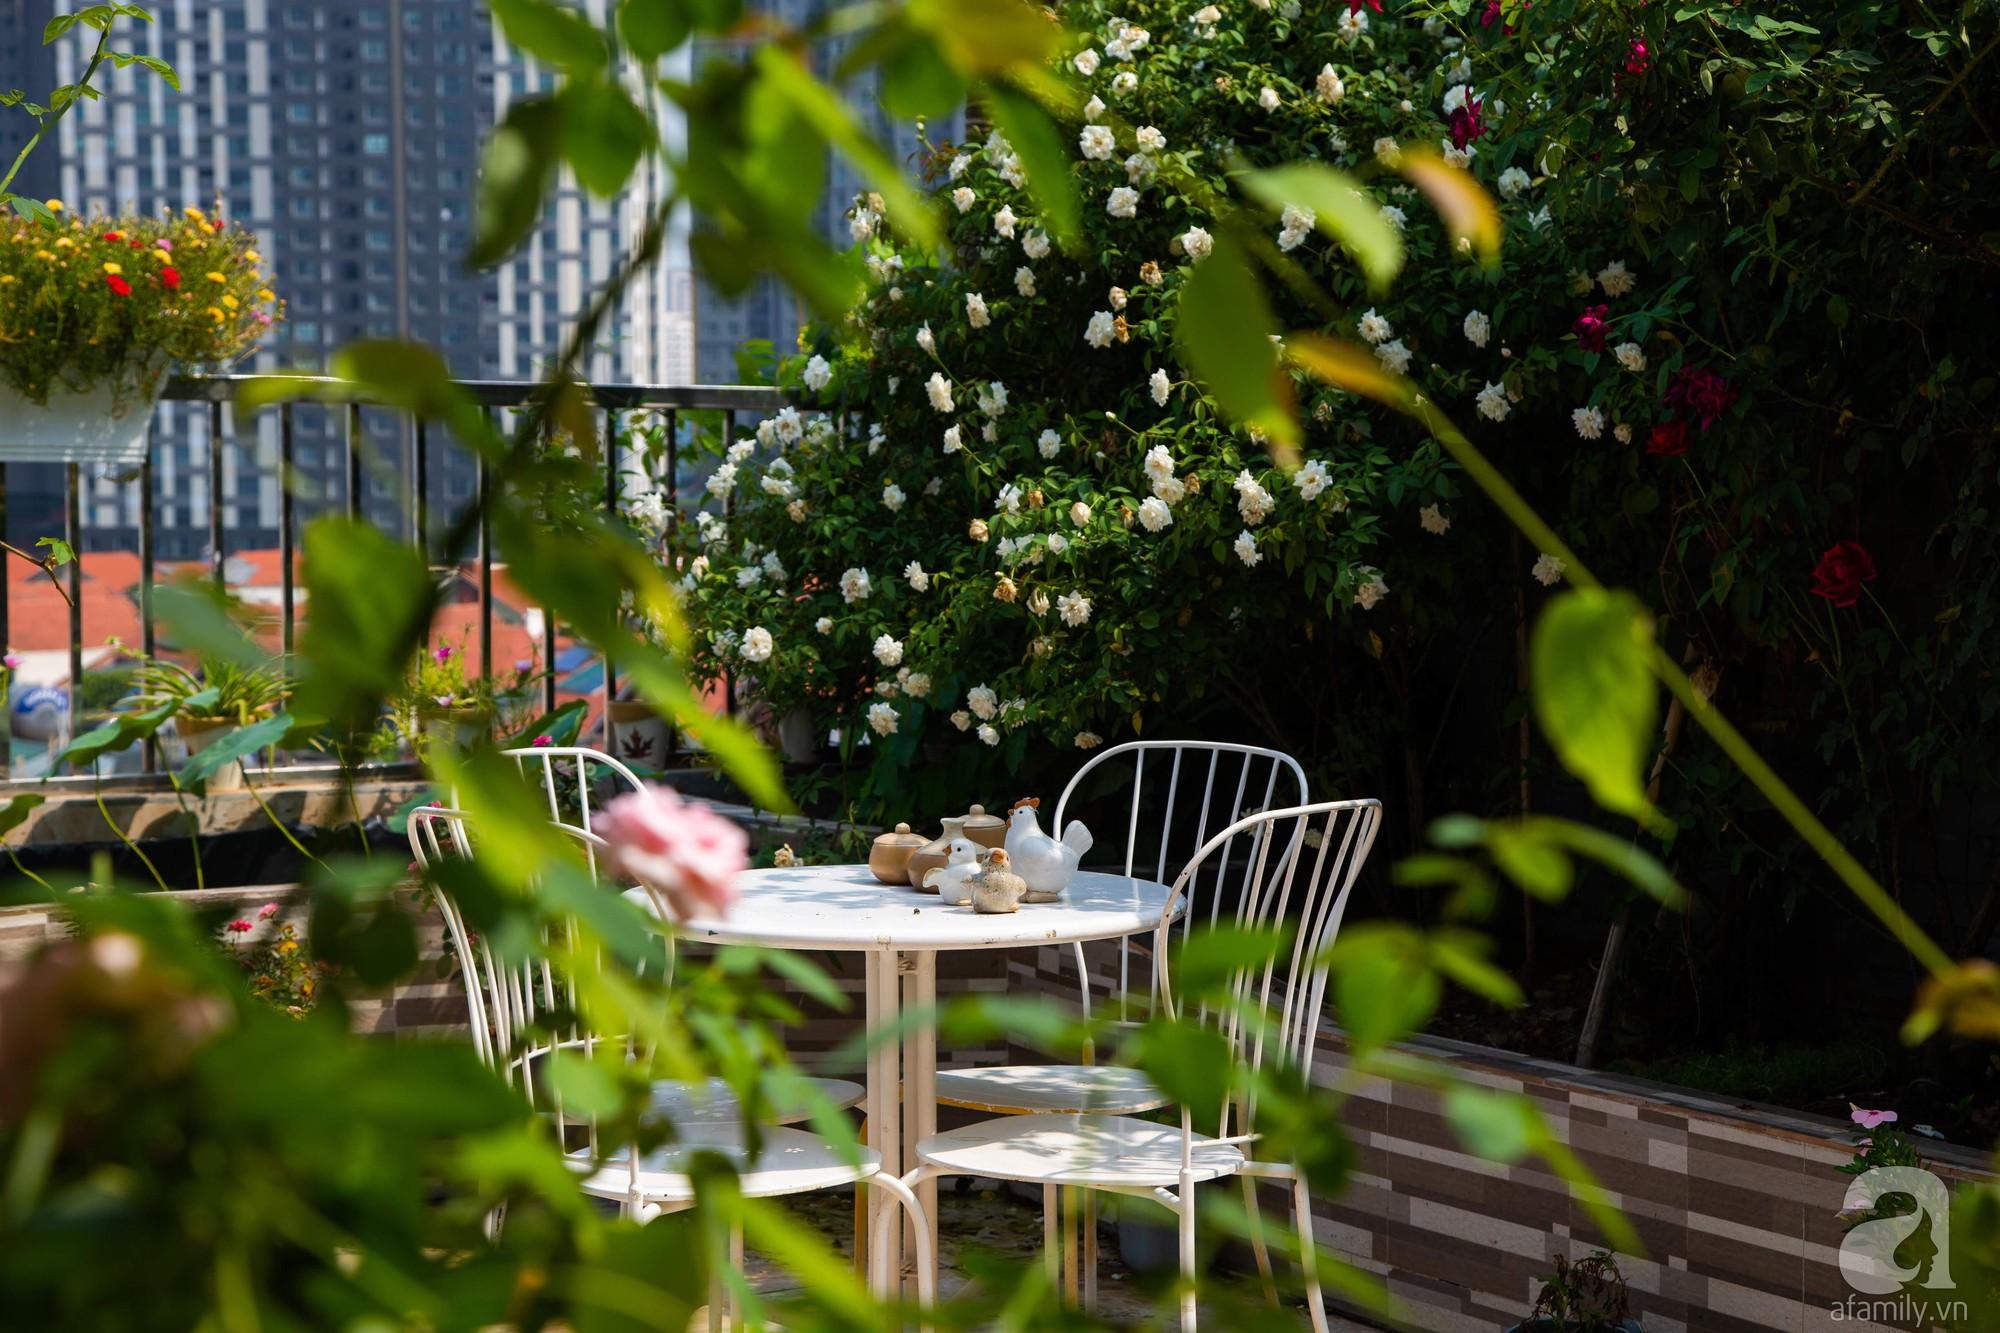 Khu vườn trên sân thượng rộng 200m² đẹp ngỡ ngàng với trăm loài hoa đua nhau khoe sắc ở Hà Nội - 4